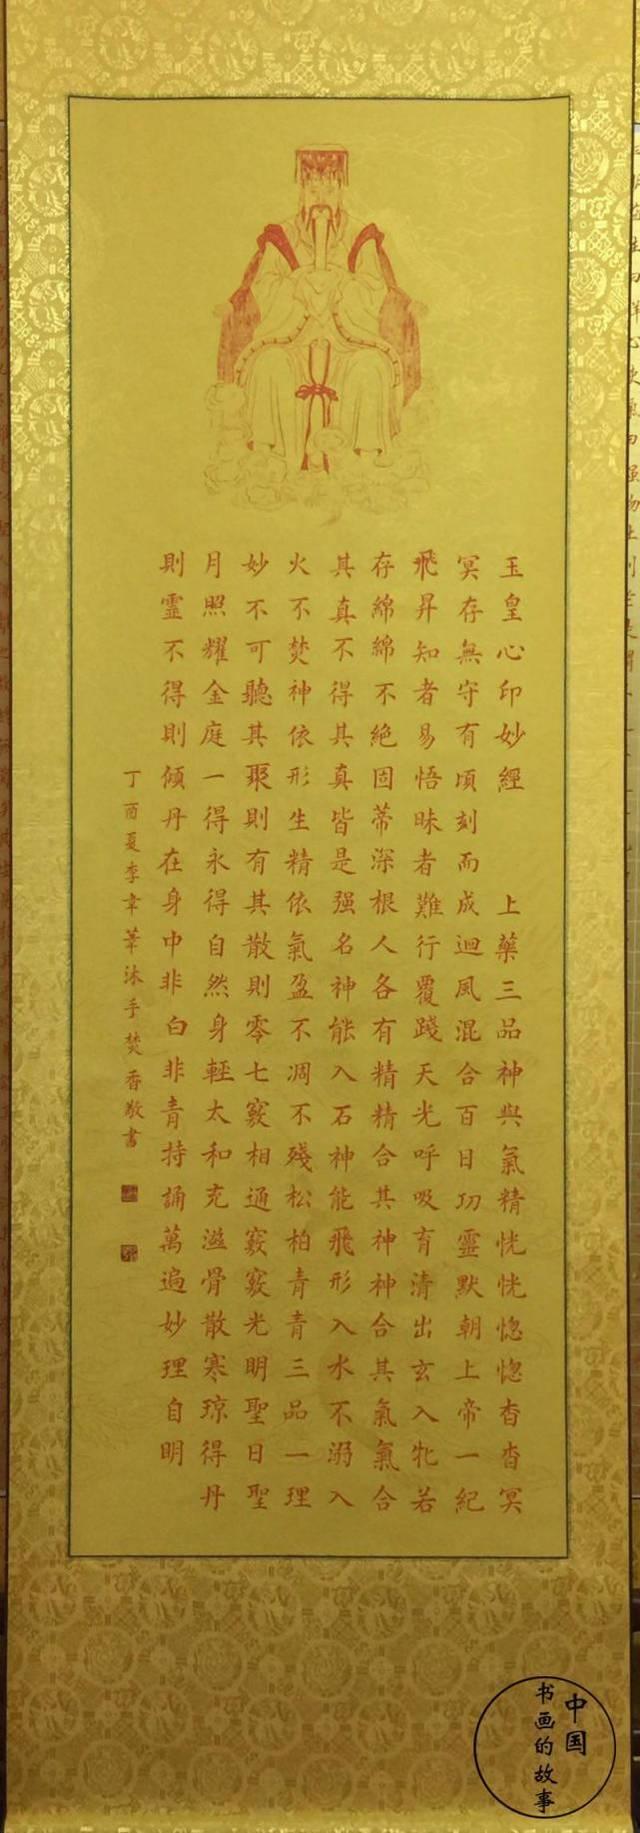 道教居士李韦苇修行抄经《心印玉皇经》颈椎羽毛球图片